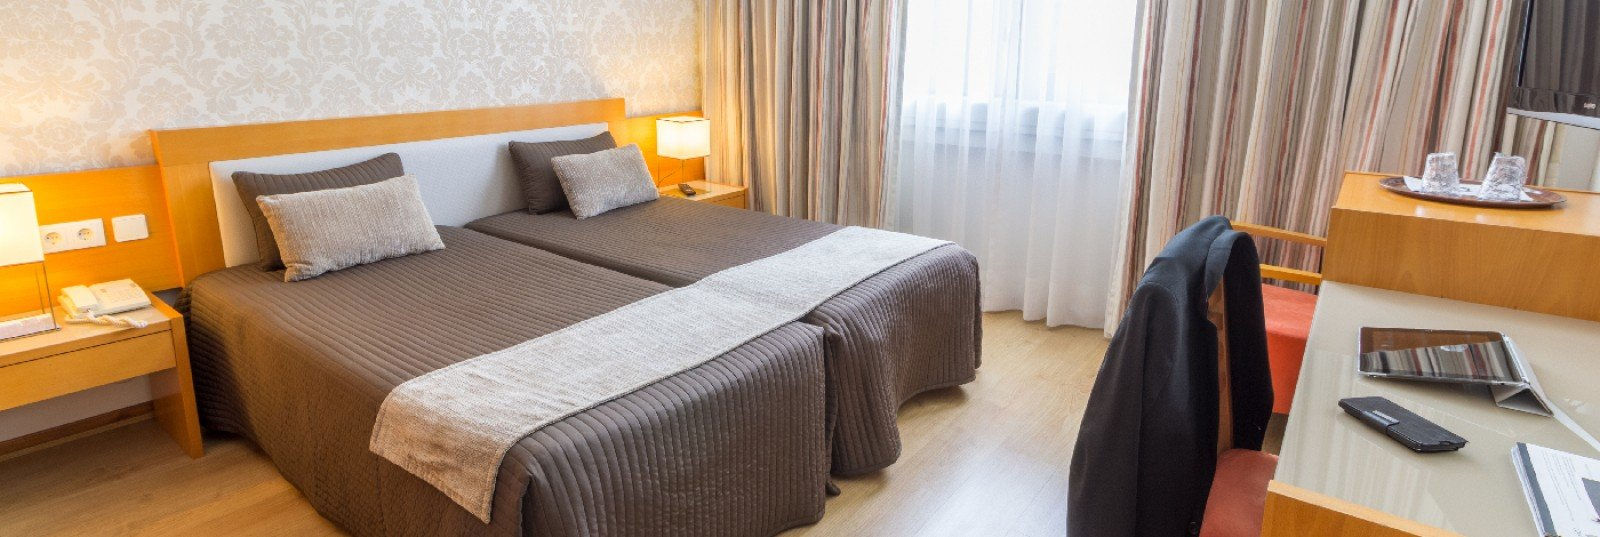 Hotel Eurosol Leiria - Quarto Twin